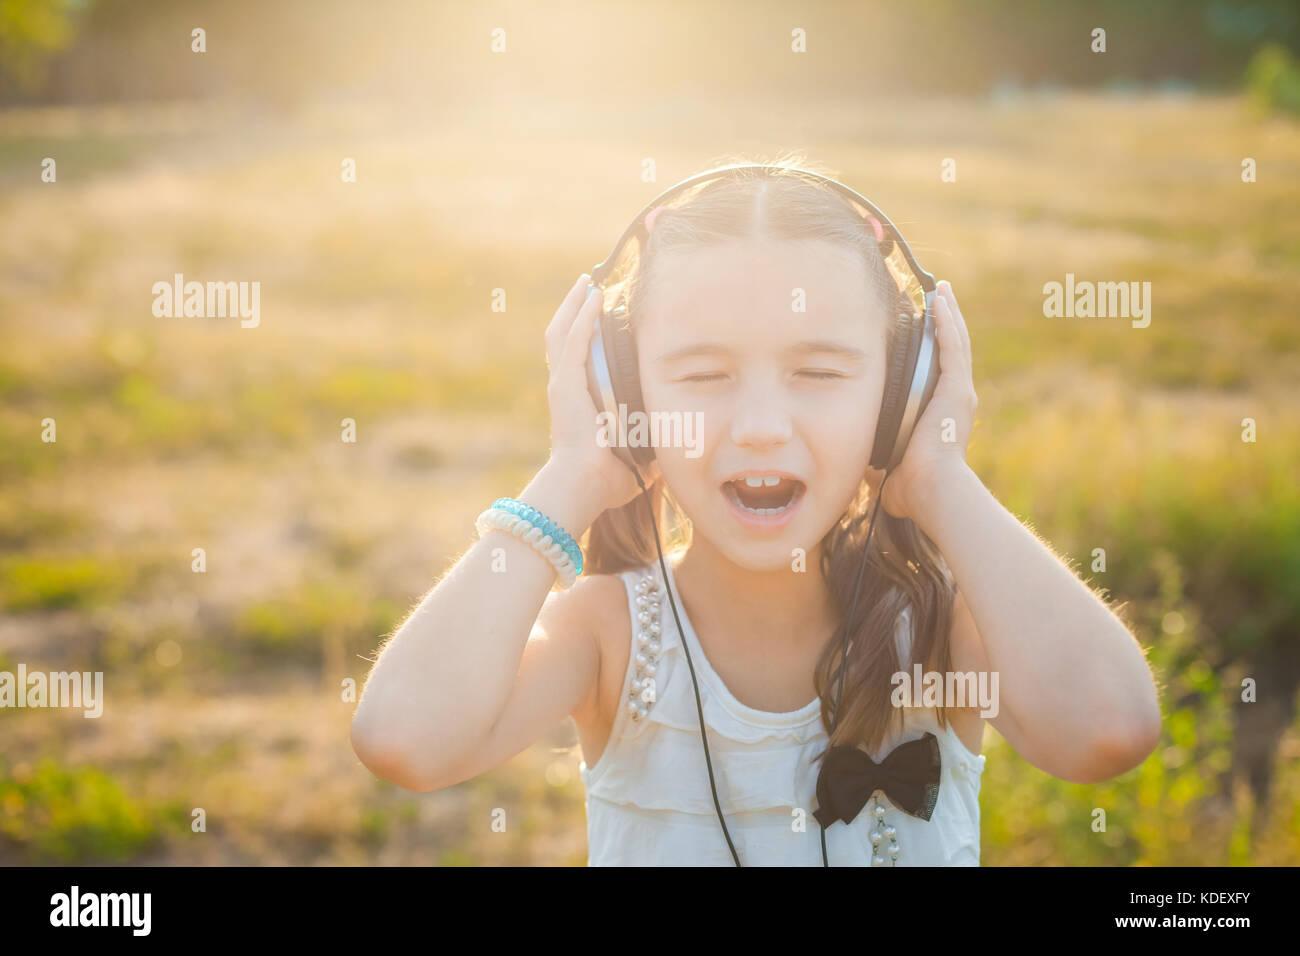 Niña escuchando música con auriculares Imagen De Stock